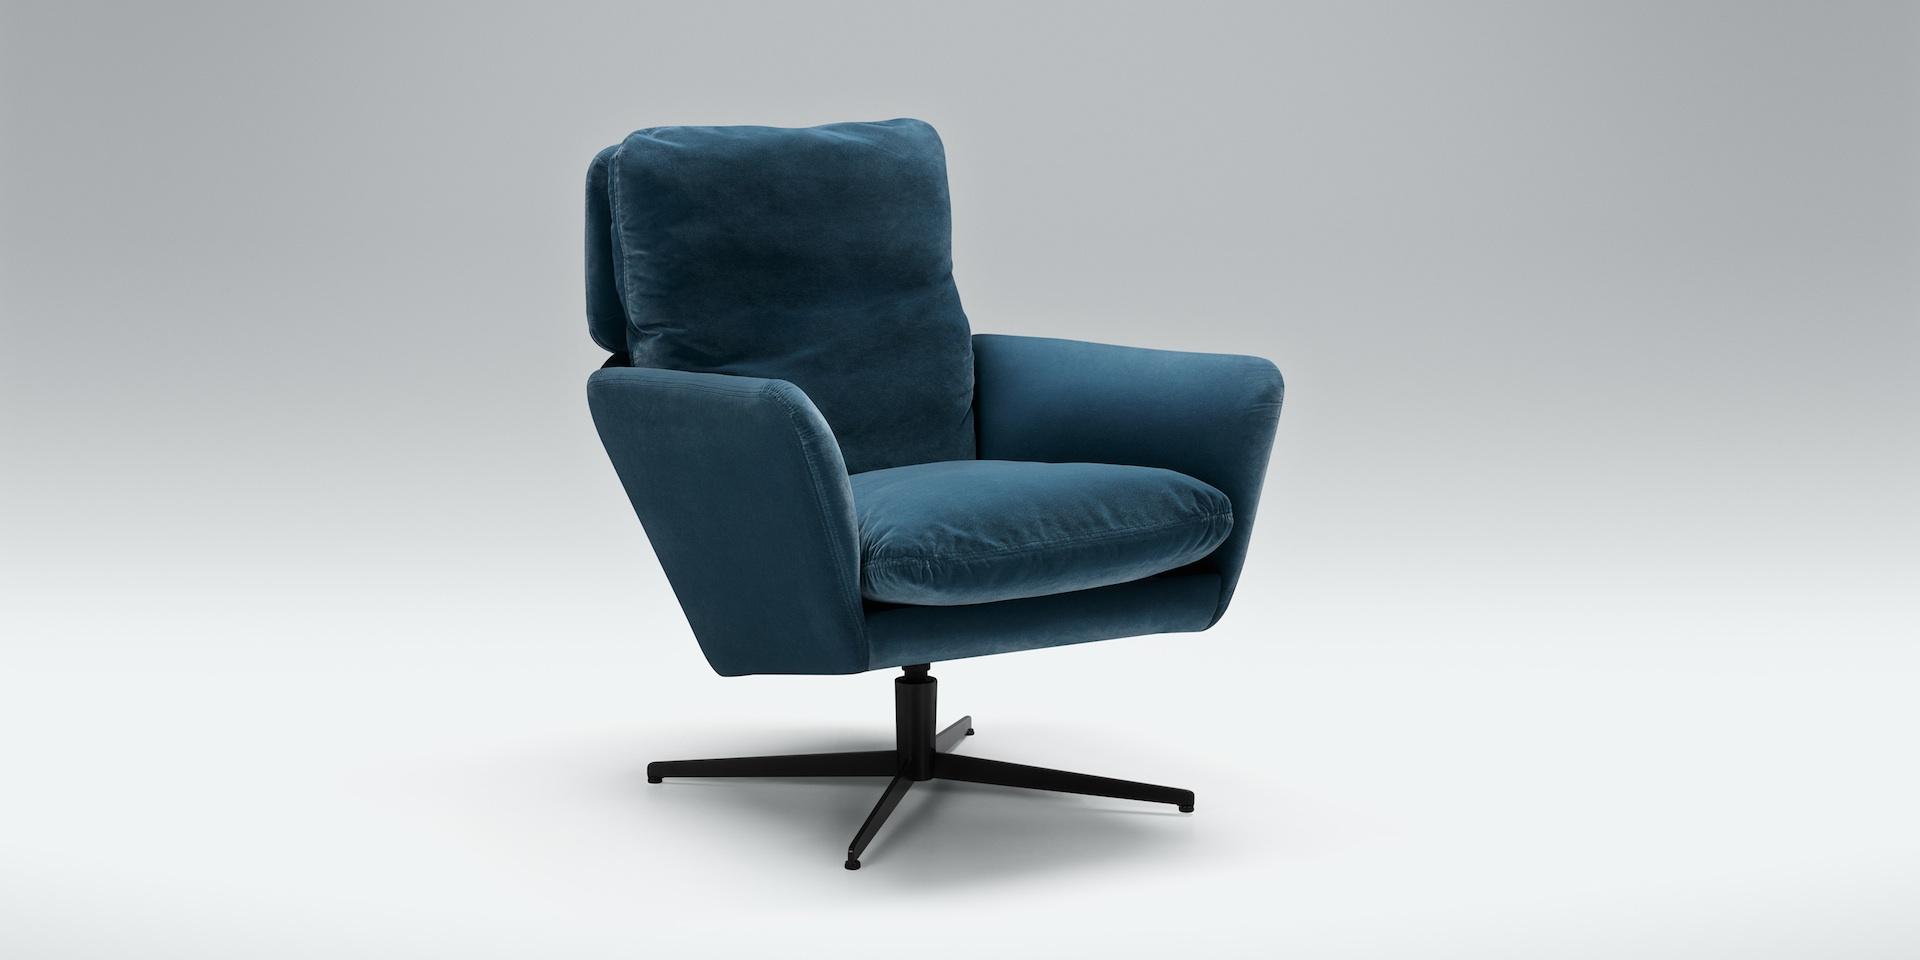 AMY_shadow_armchair_classic_velvet12_navy_blue_2